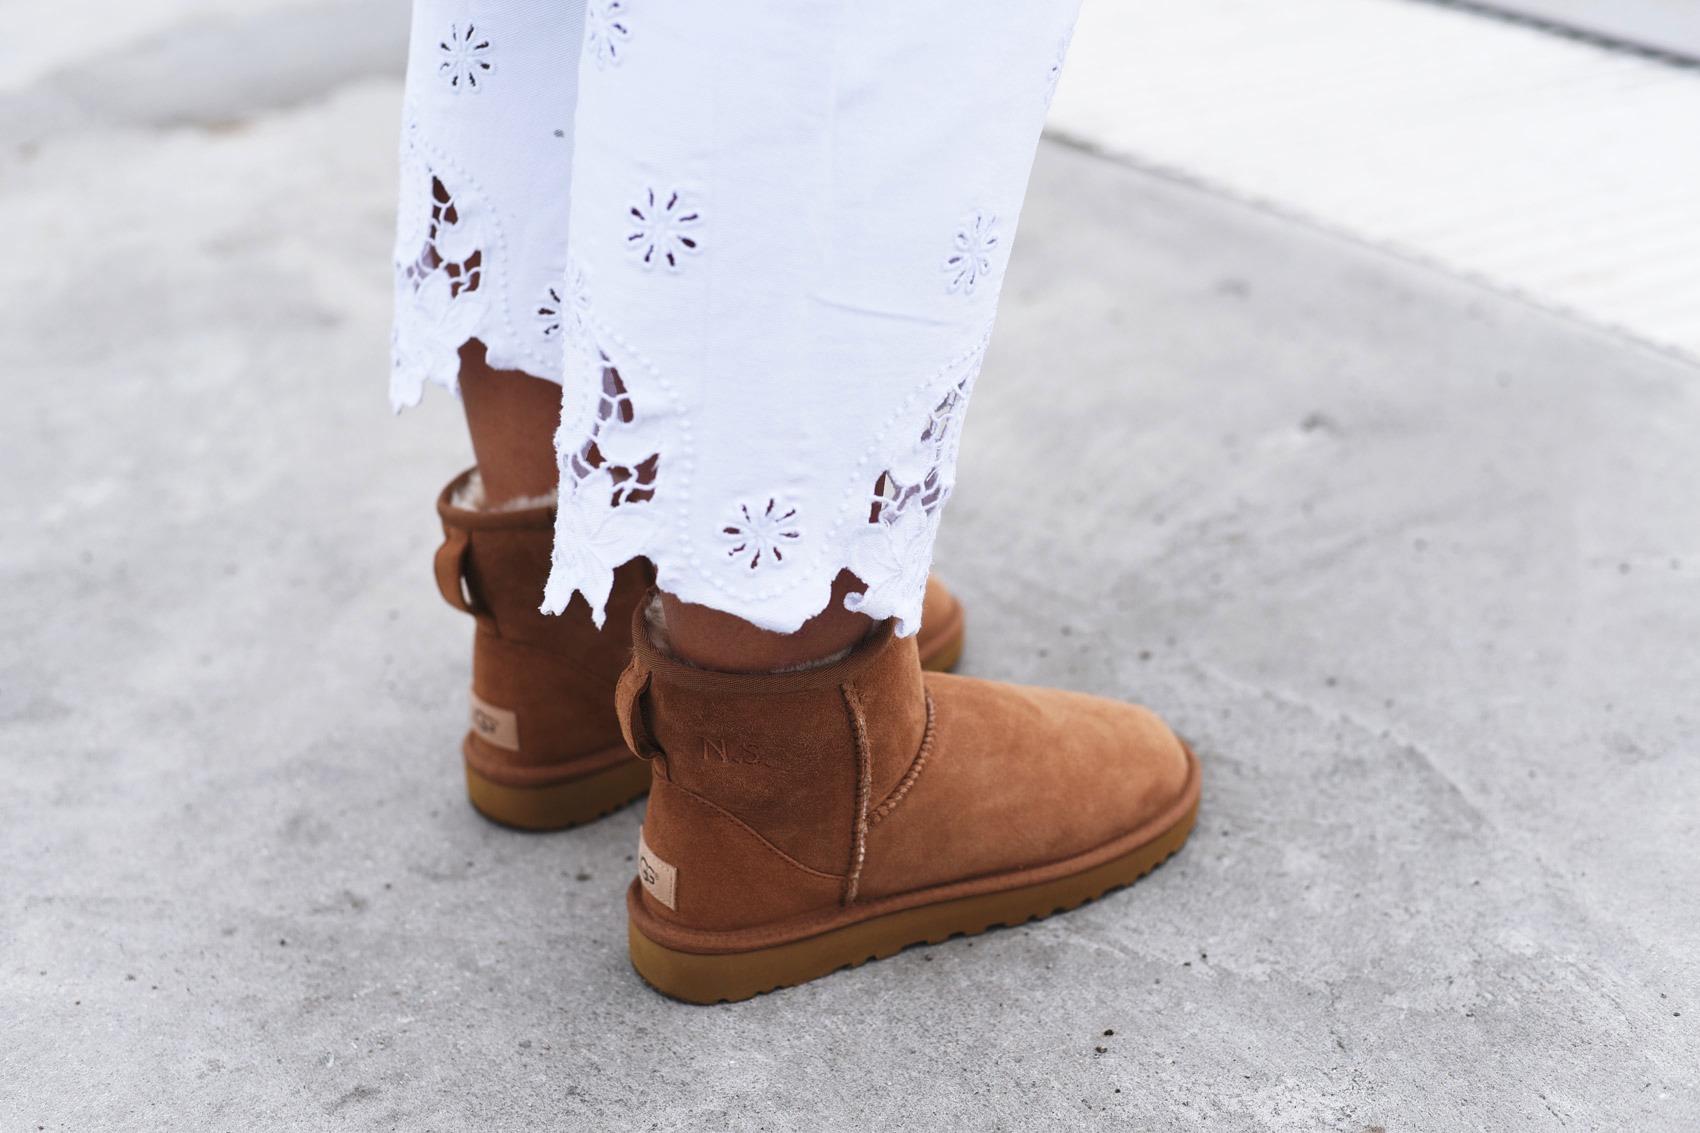 ugg-boots-personalisieren-im-laden-monogramme-auf-schuh-sticken-lassen-fashiioncarpet